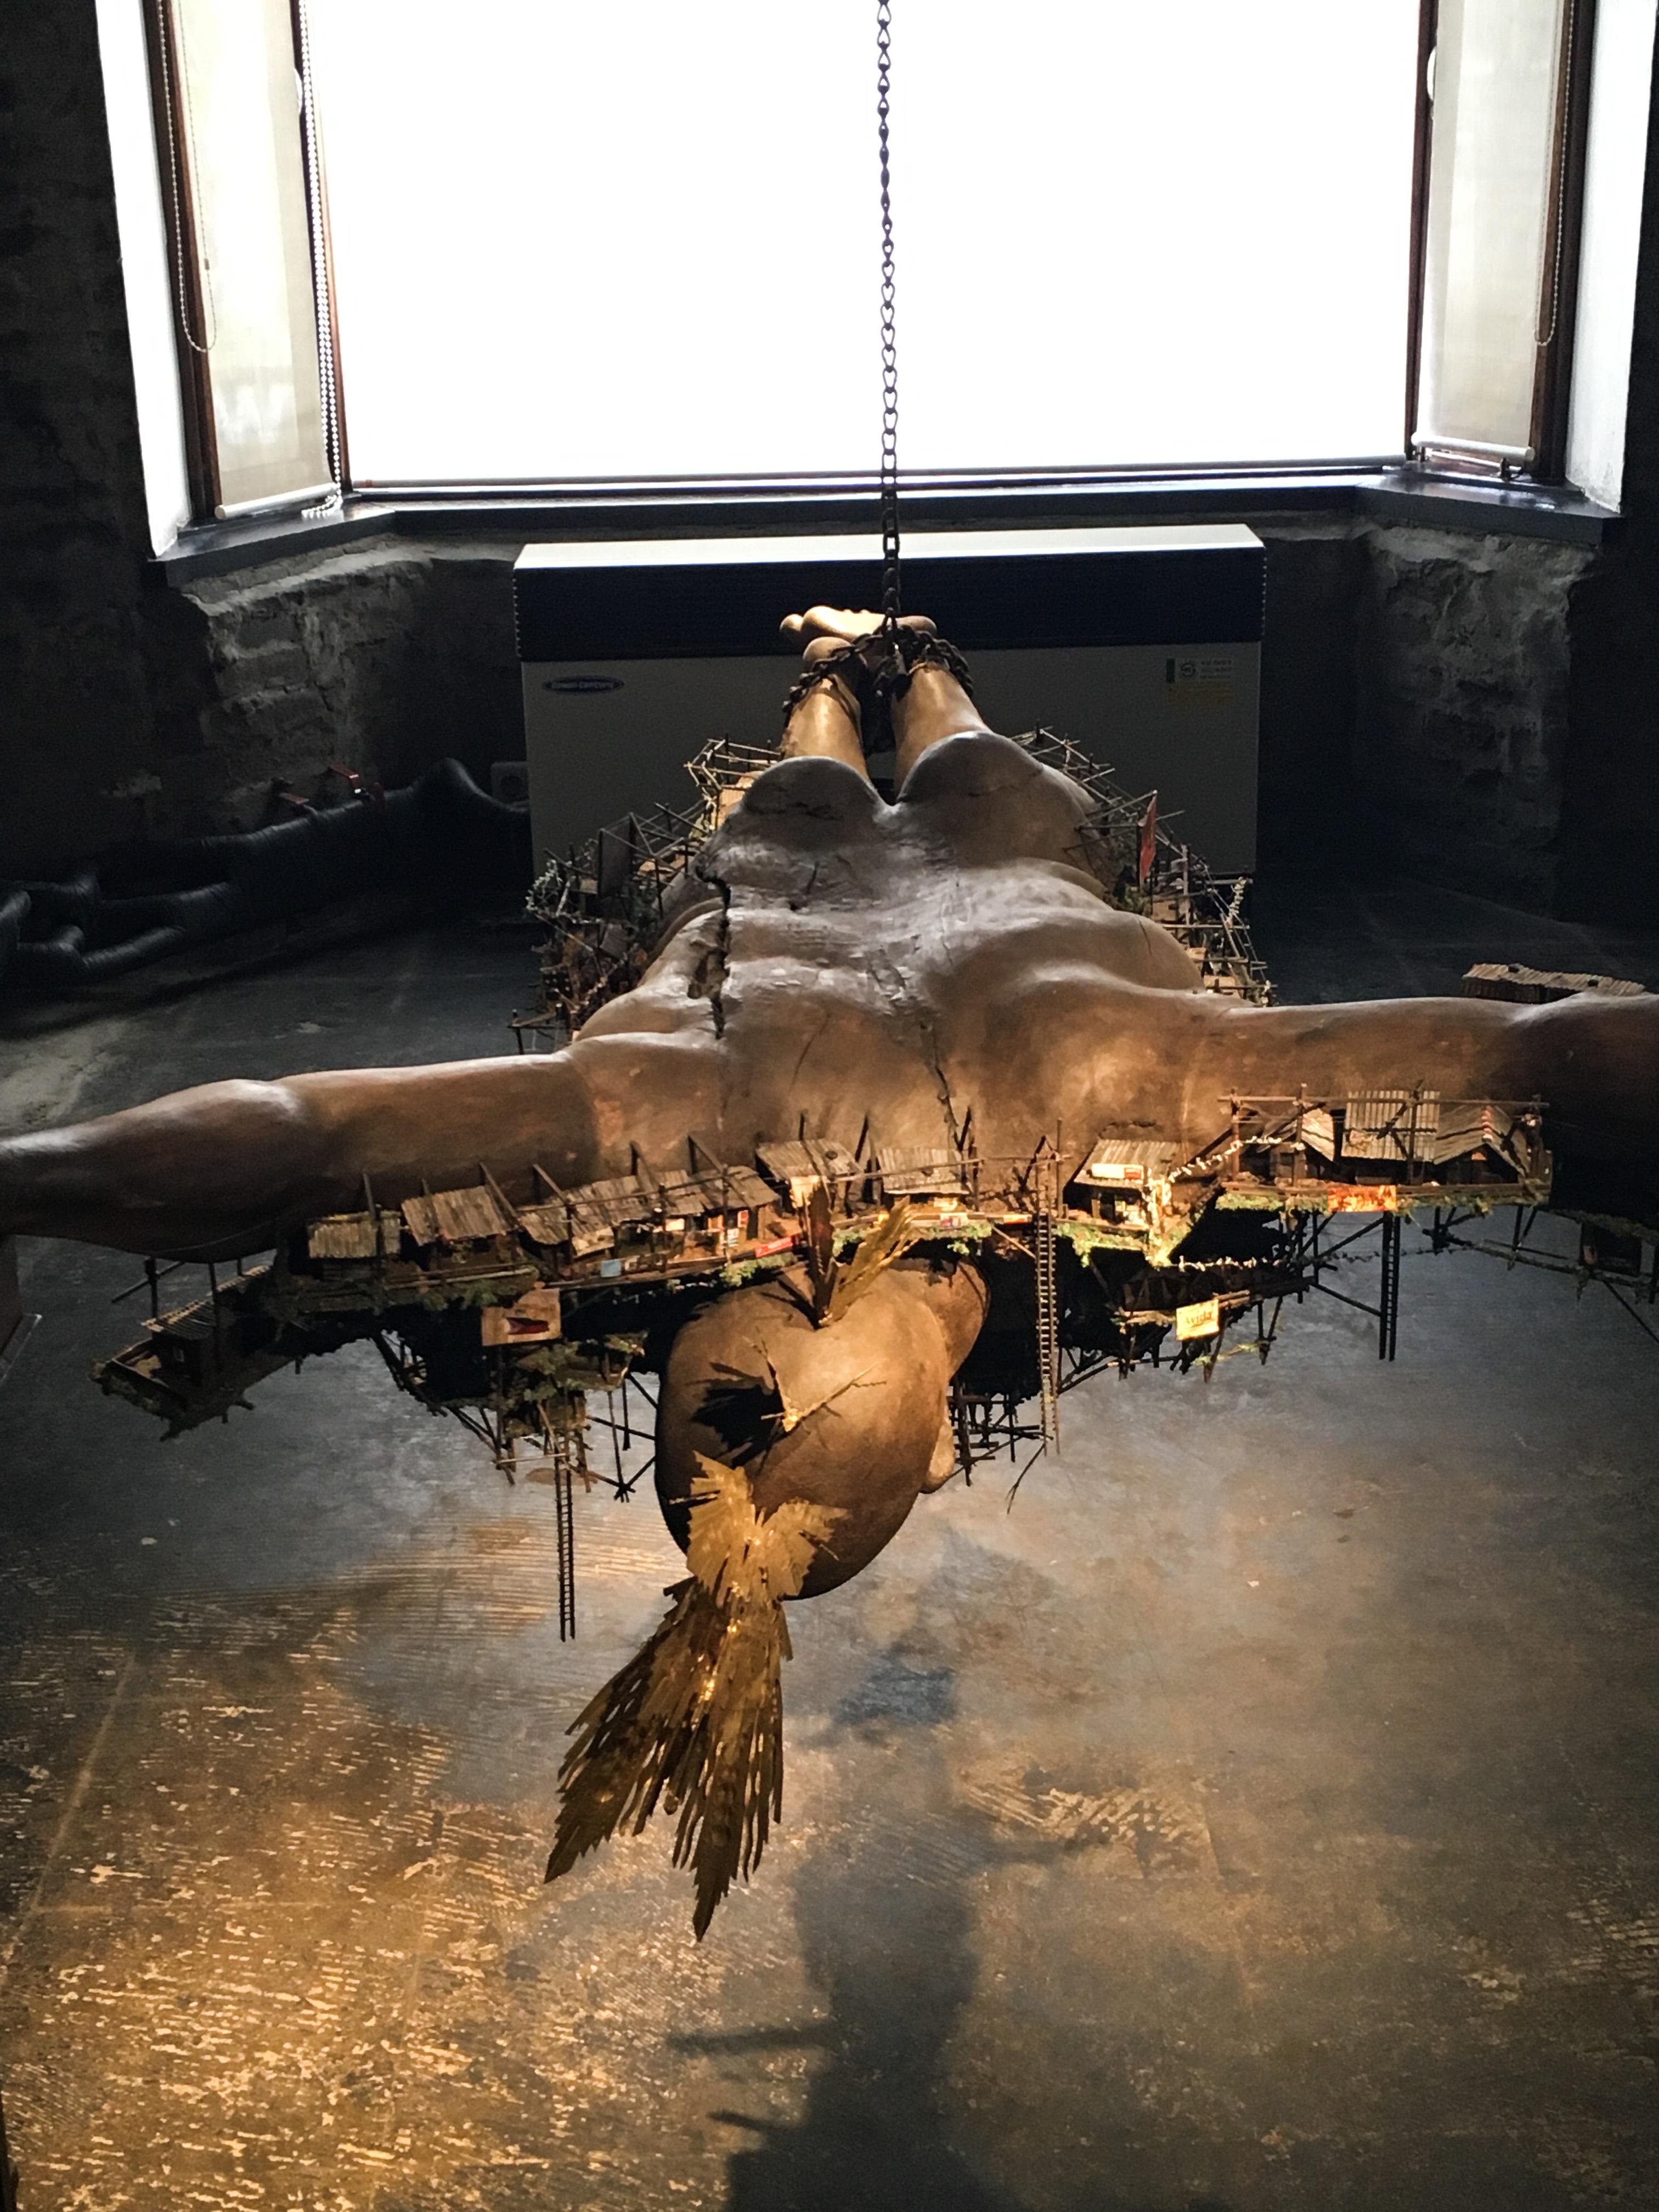 arariomuseum-14